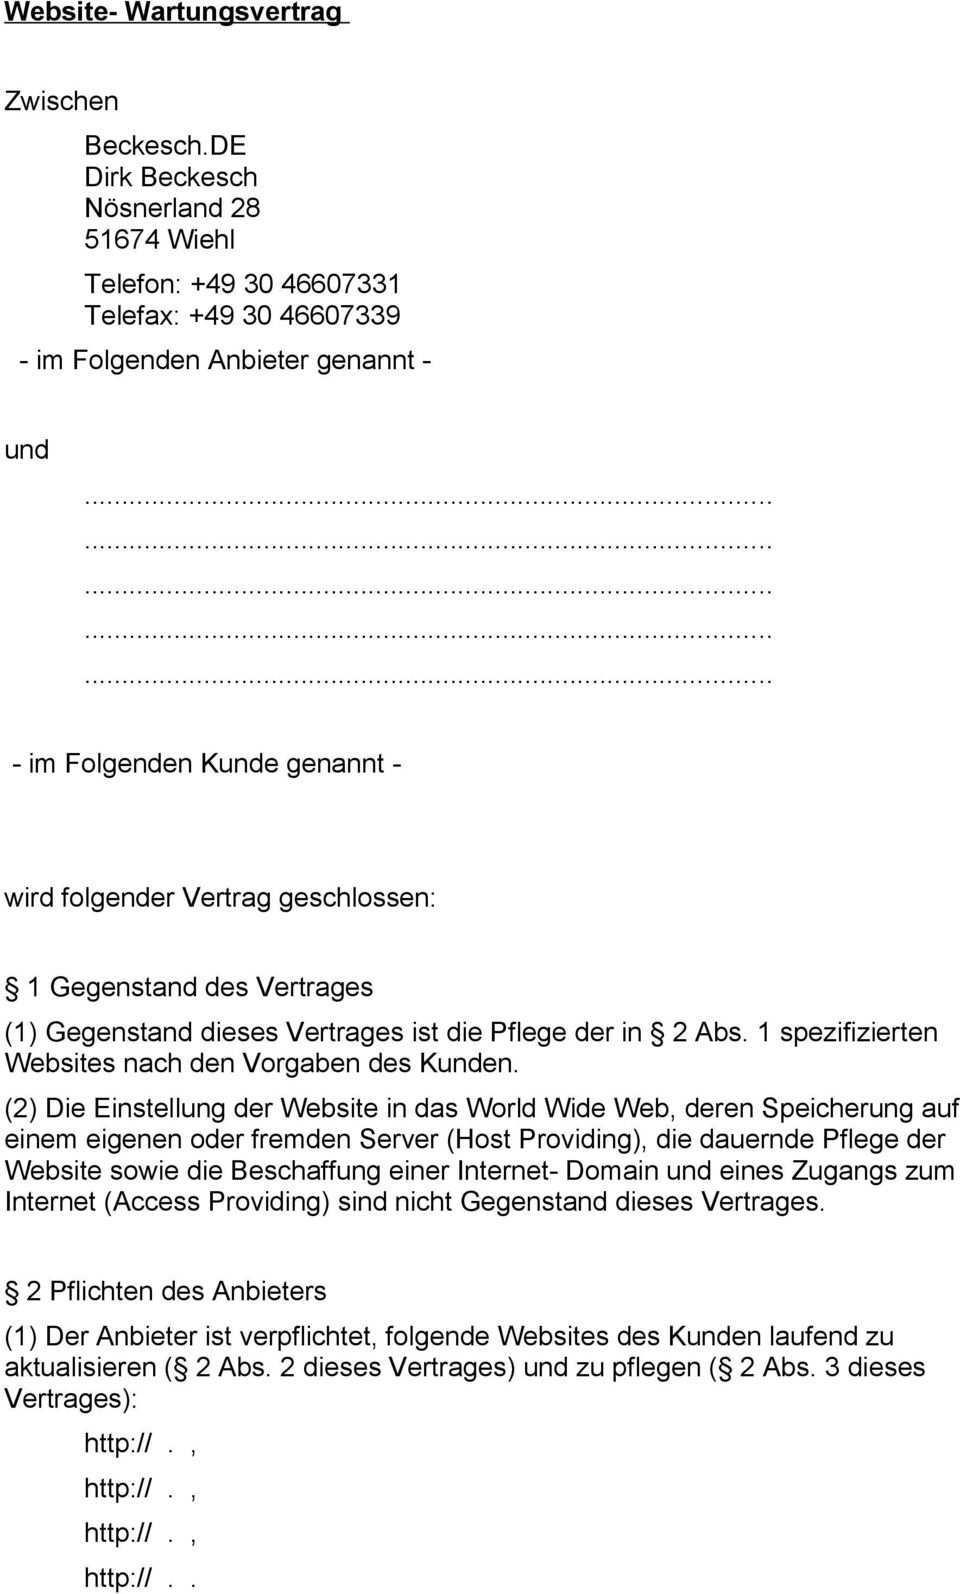 Website Wartungsvertrag Pdf Kostenfreier Download